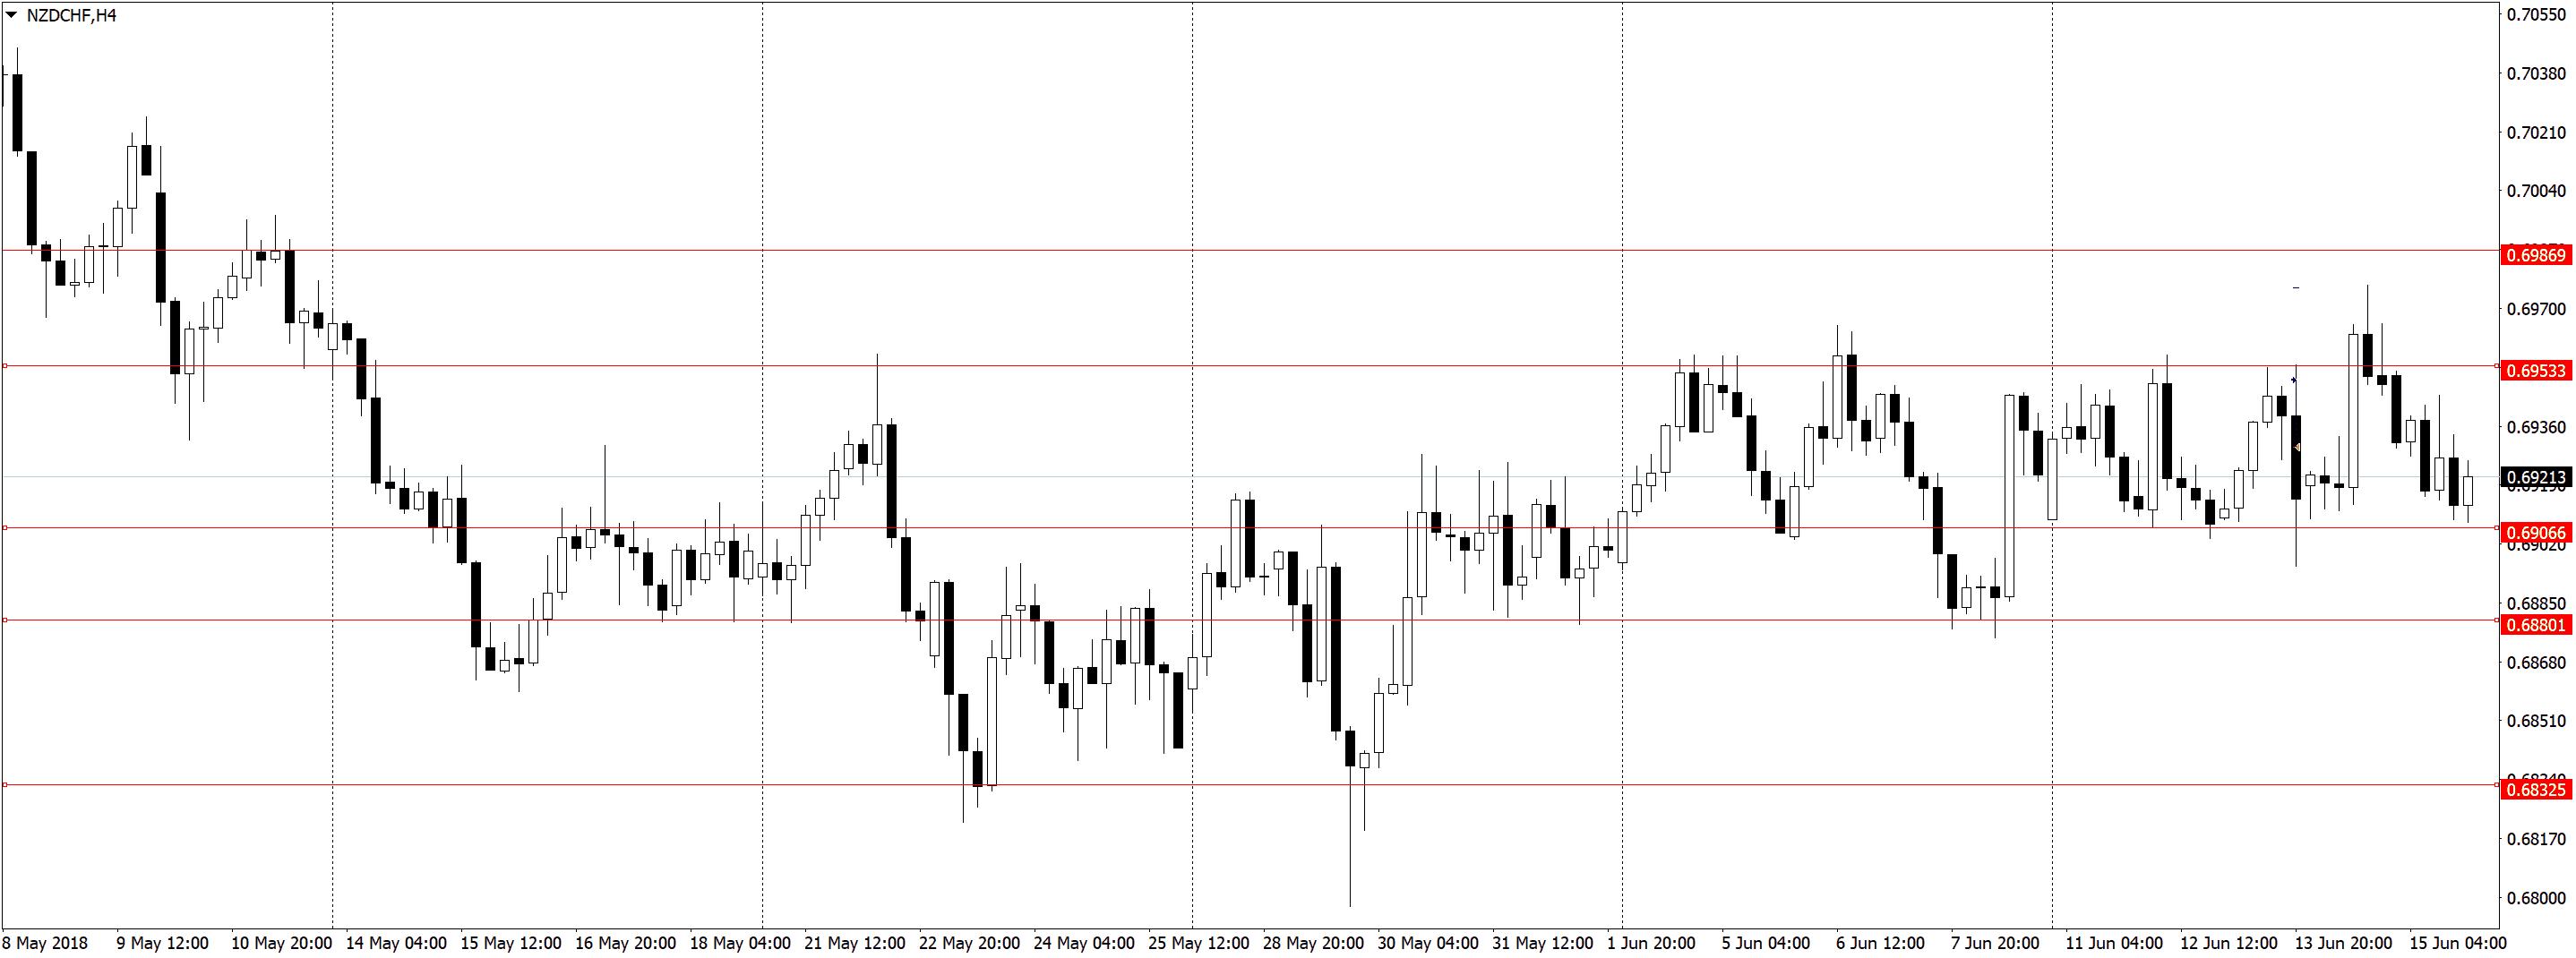 NZDCHFH4 1 Усталость от трейдинга, торговля акций, переторговка